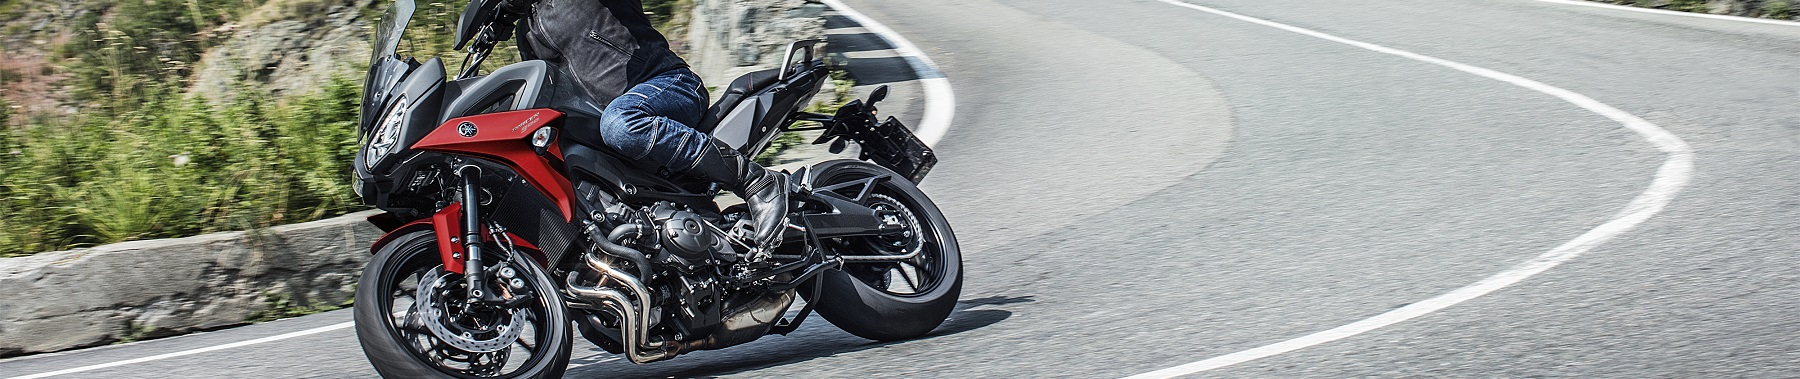 Yamaha Tracer 900   MotorCentrumWest